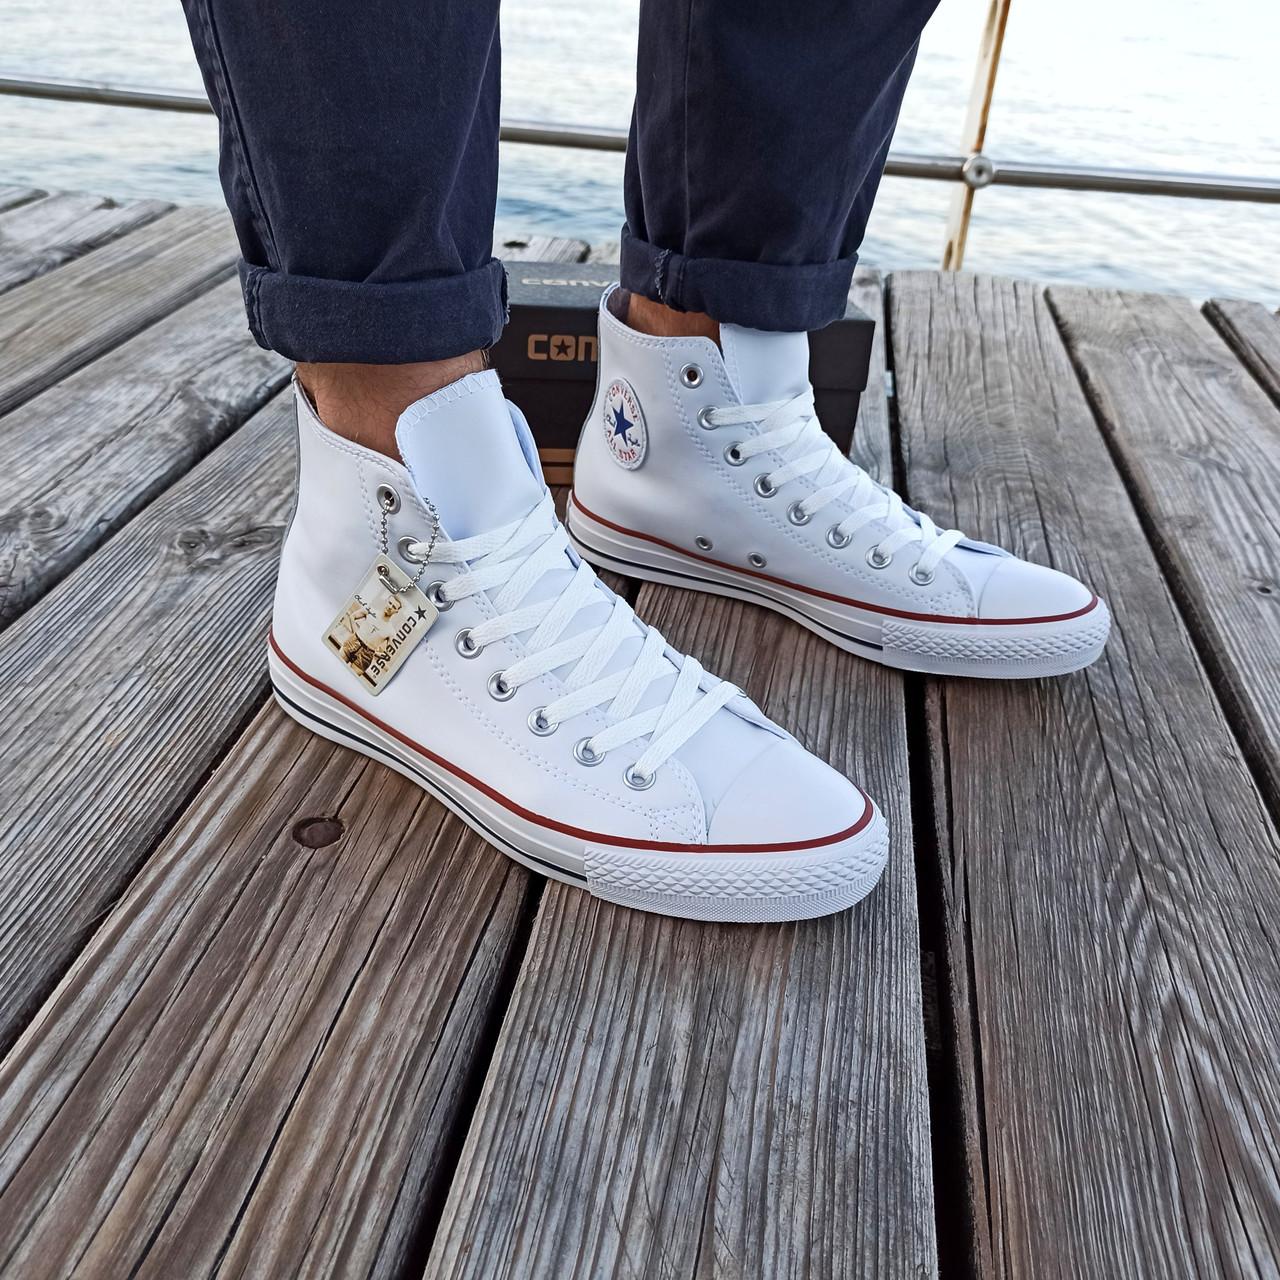 Мужские высокие кеды конверсы all star converse кожаные Белые деми демисезон